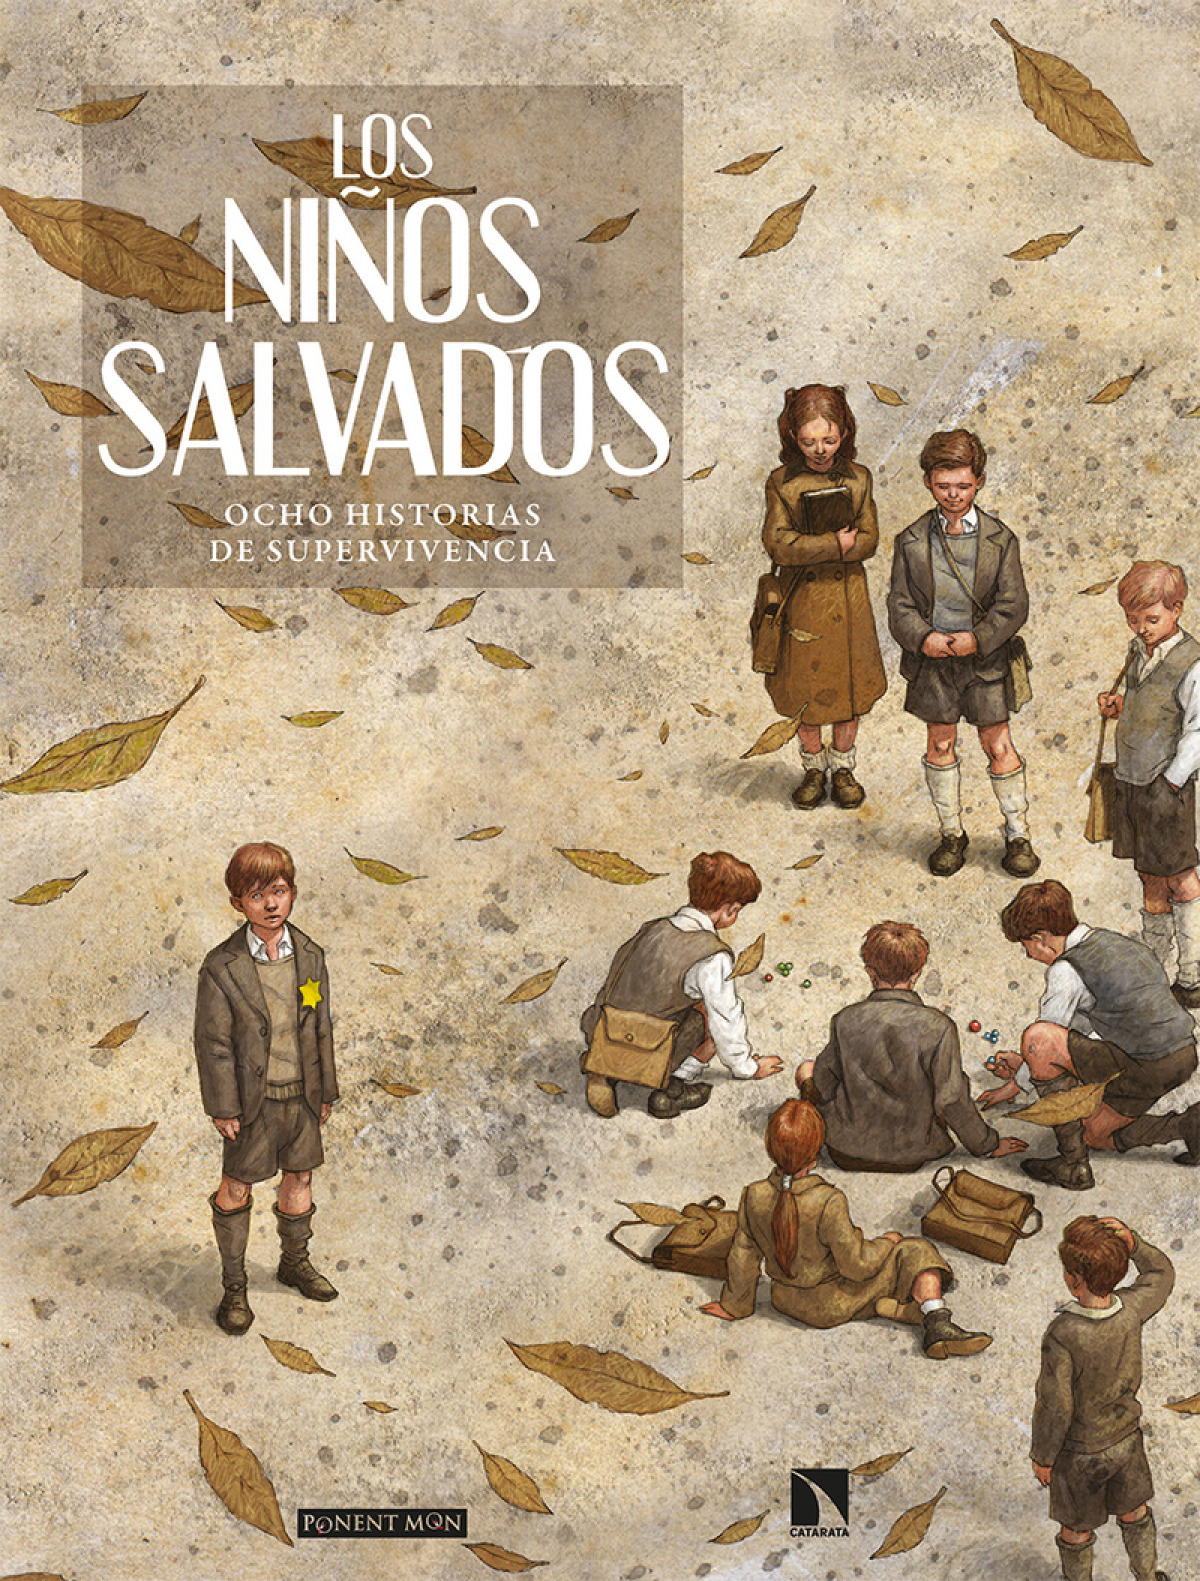 Los niños salvados